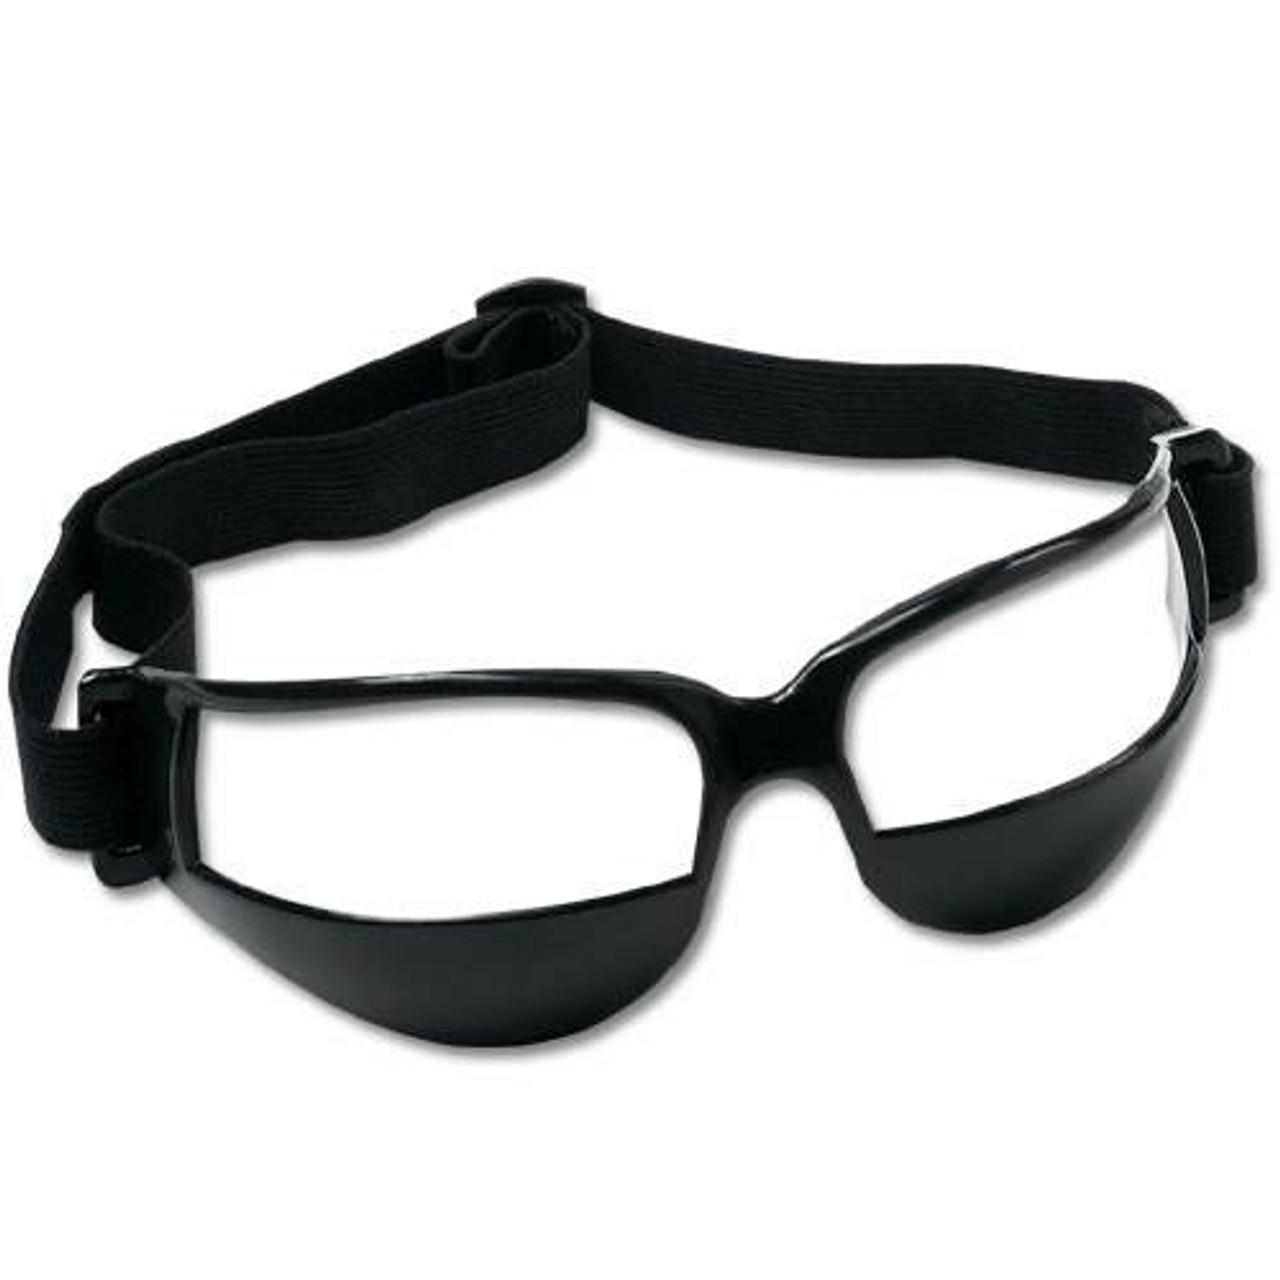 Dribble Specs for basketball